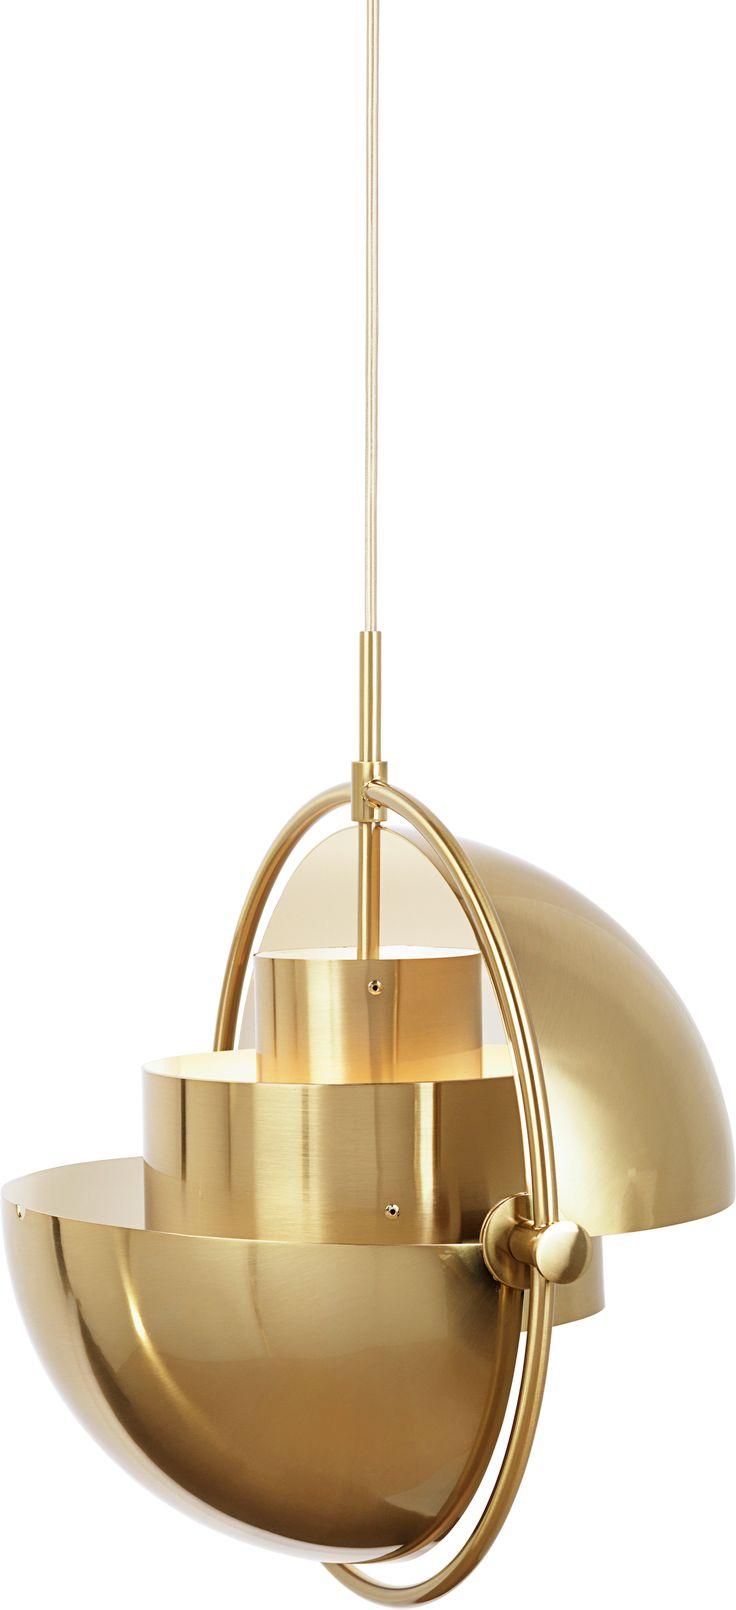 1439 best lamp images on Pinterest   Lighting design, Lighting ...